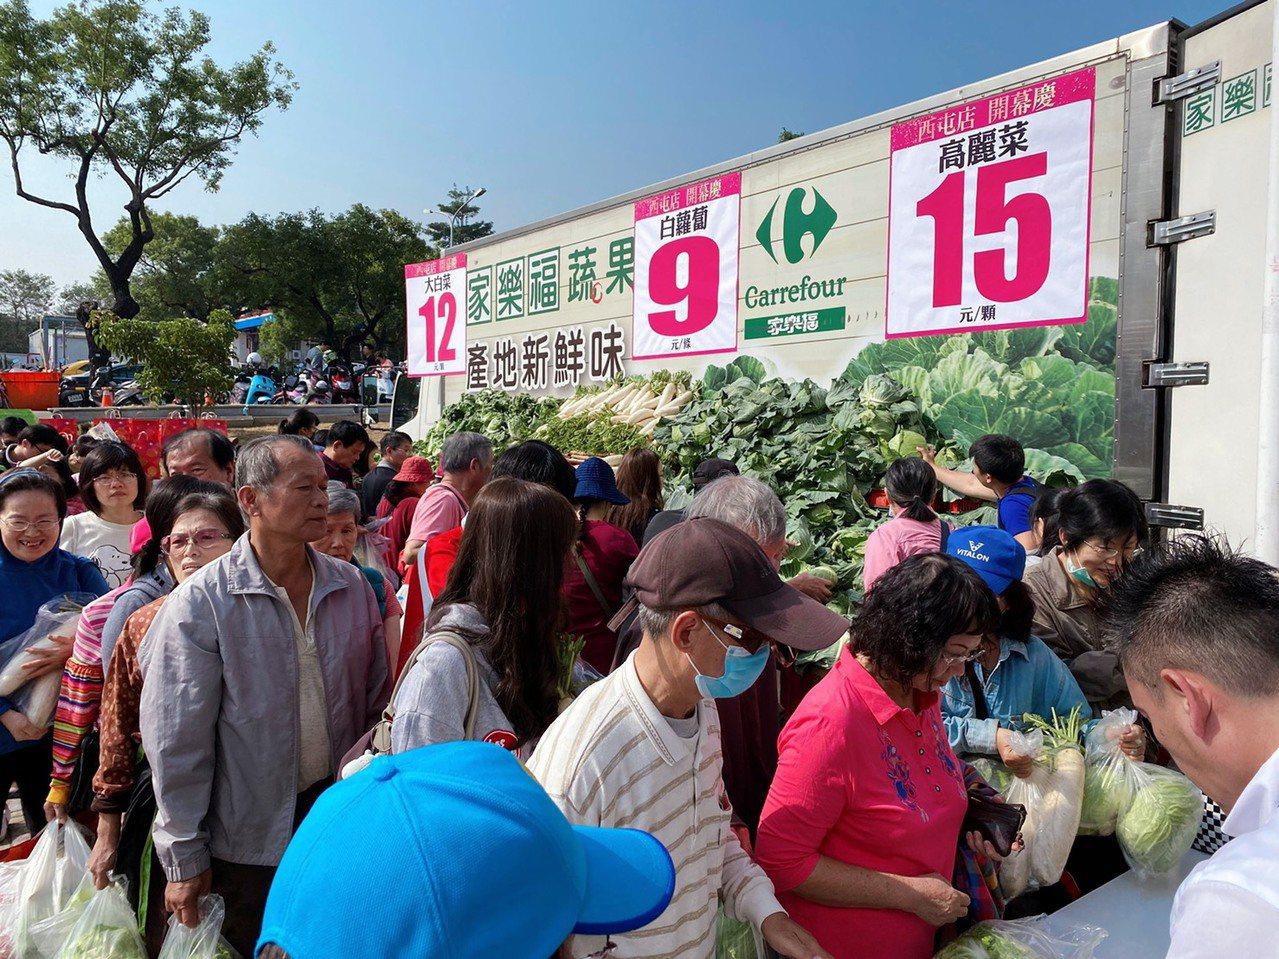 歡慶開幕,白蘿蔔、高麗菜祭出超低價優惠。記者徐力剛/攝影